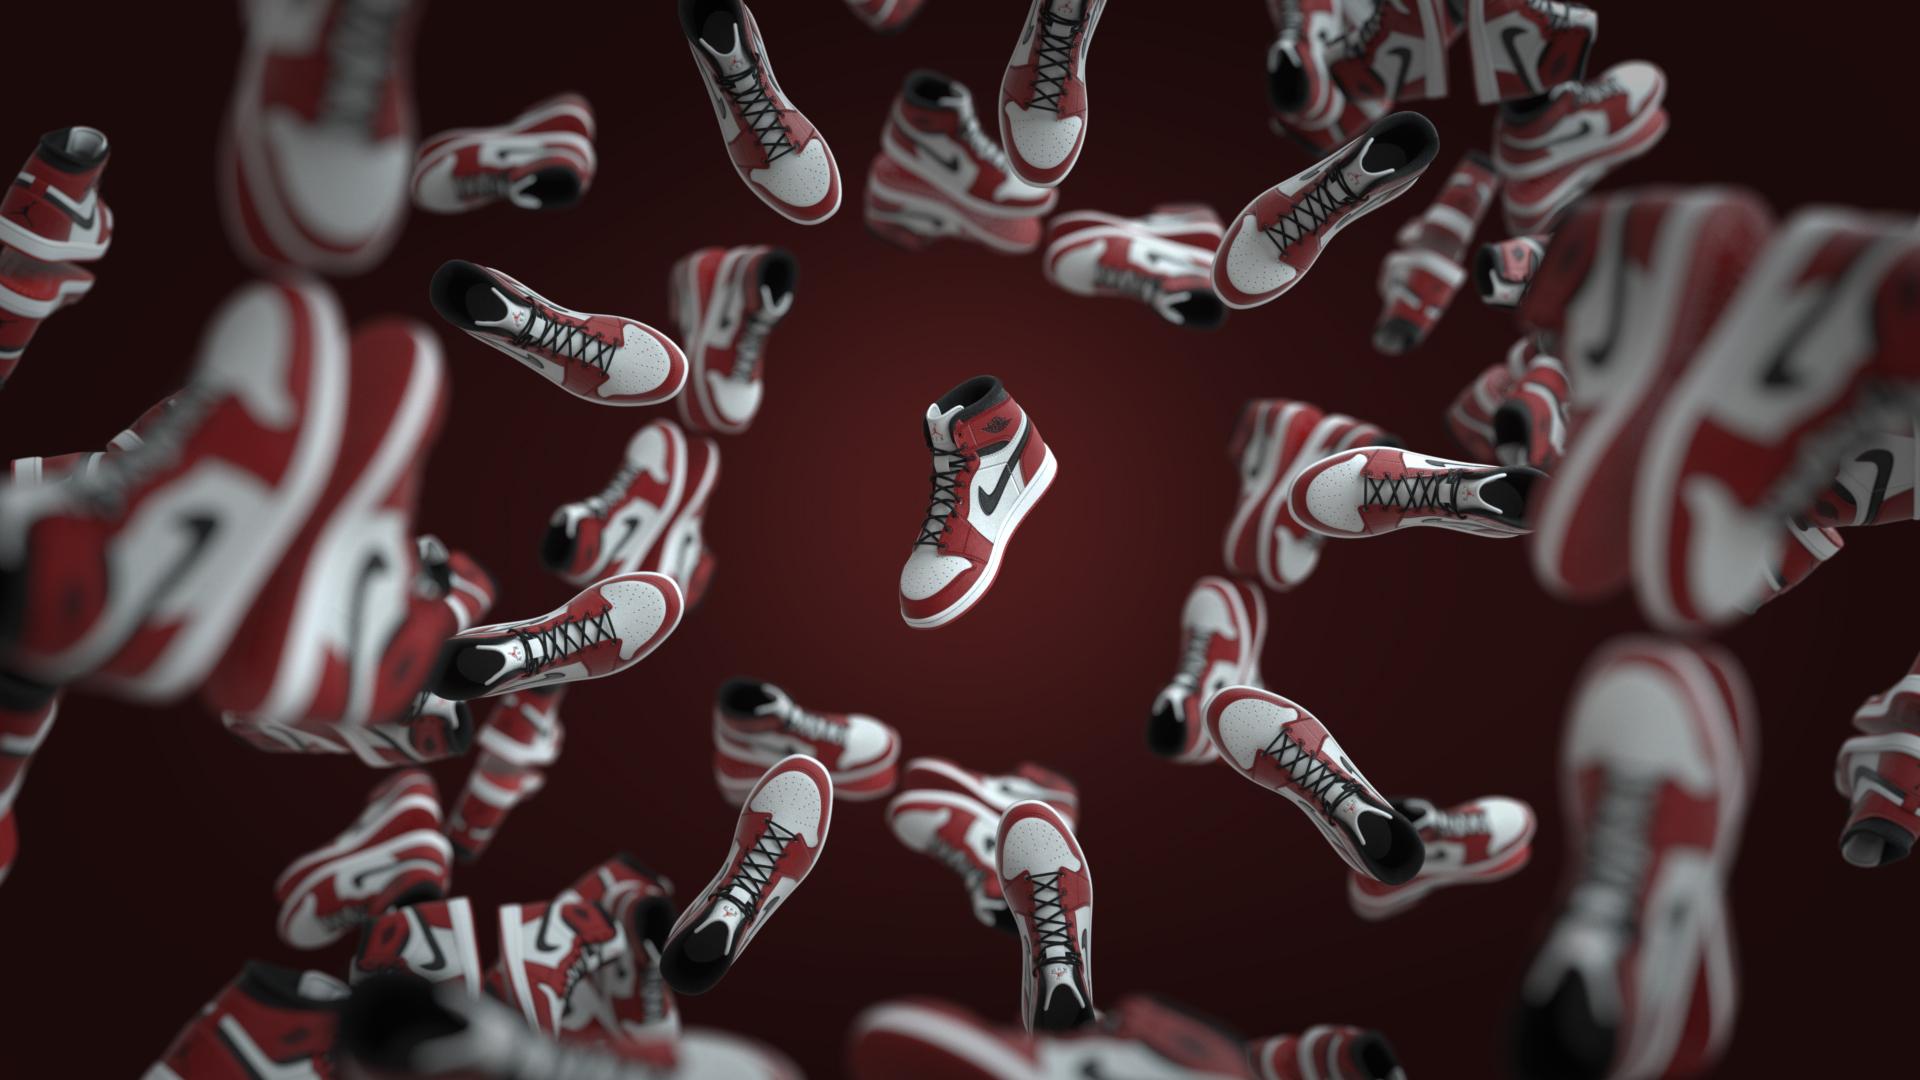 Jordans_Octane02.jpg